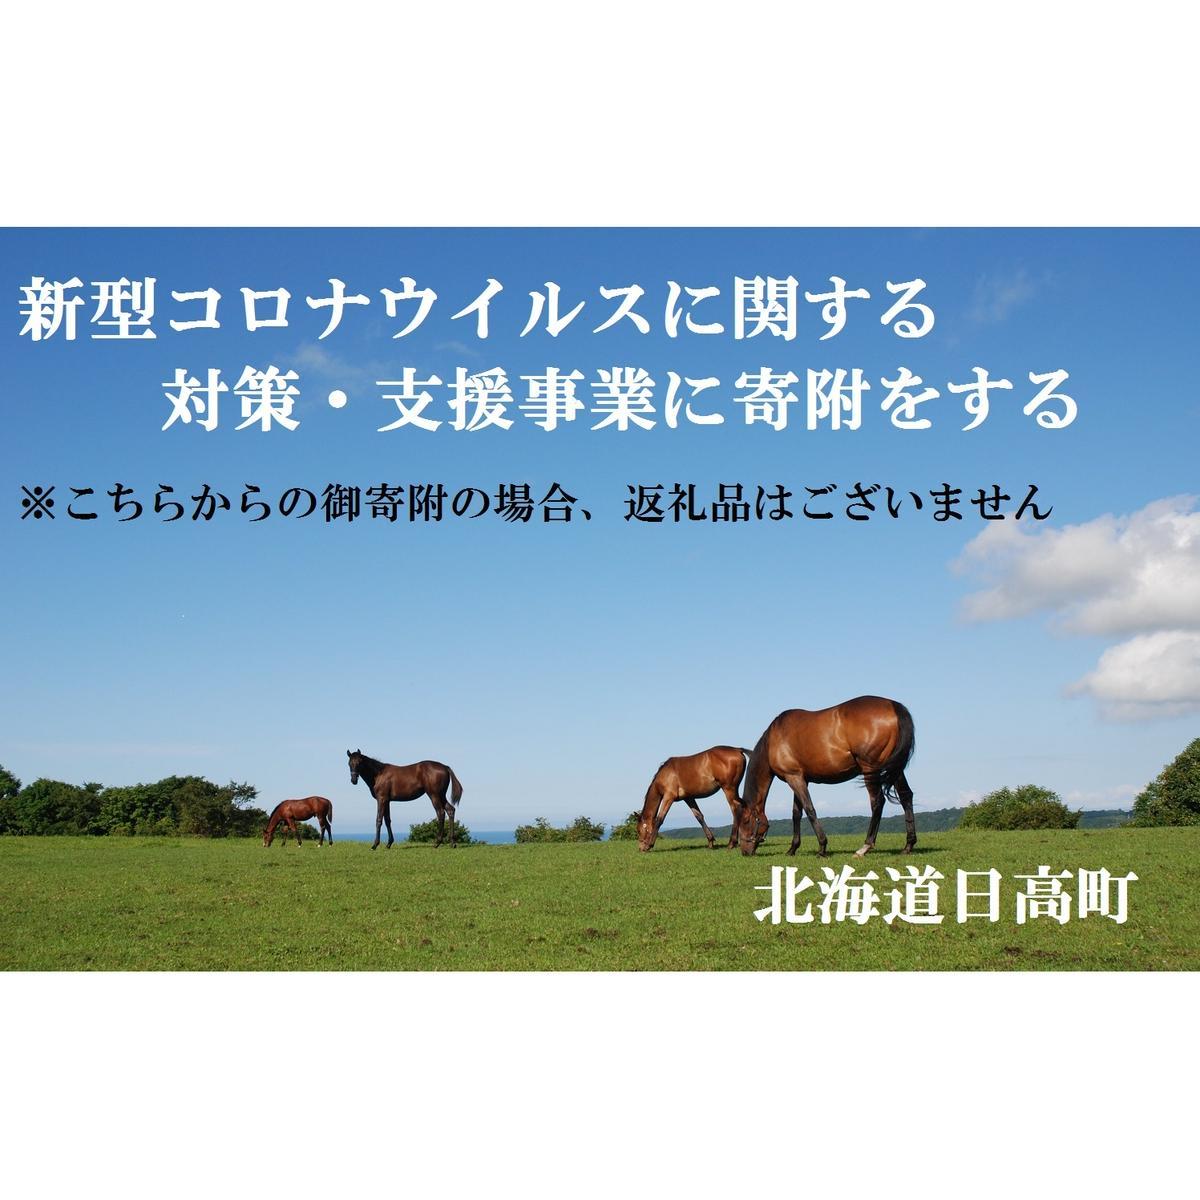 北海道日高町 ふるさと納税 受賞店 返礼品なし 自治体自治体にお任せ 新型コロナウイルスに関する対策 支援事業に寄付をする 全店販売中